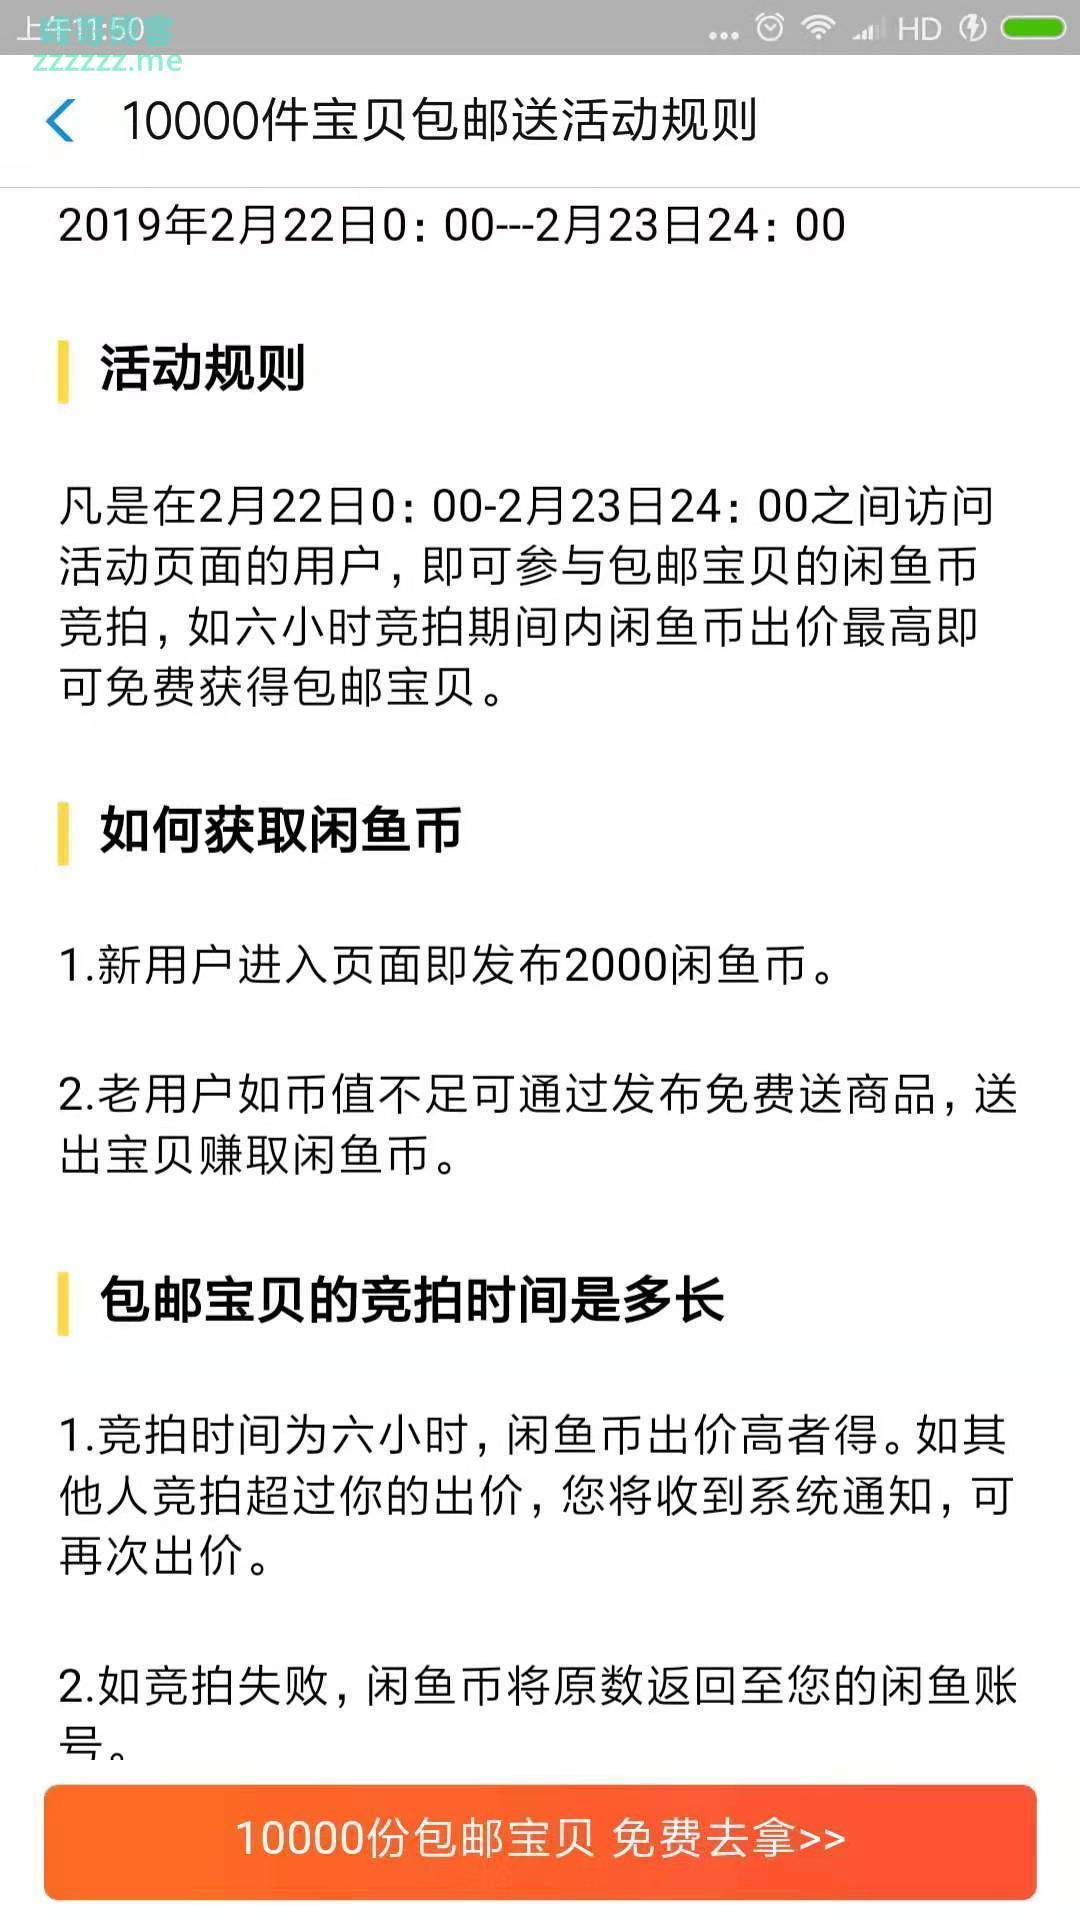 <闲鱼>10000件宝贝包邮送(截止2月23日)